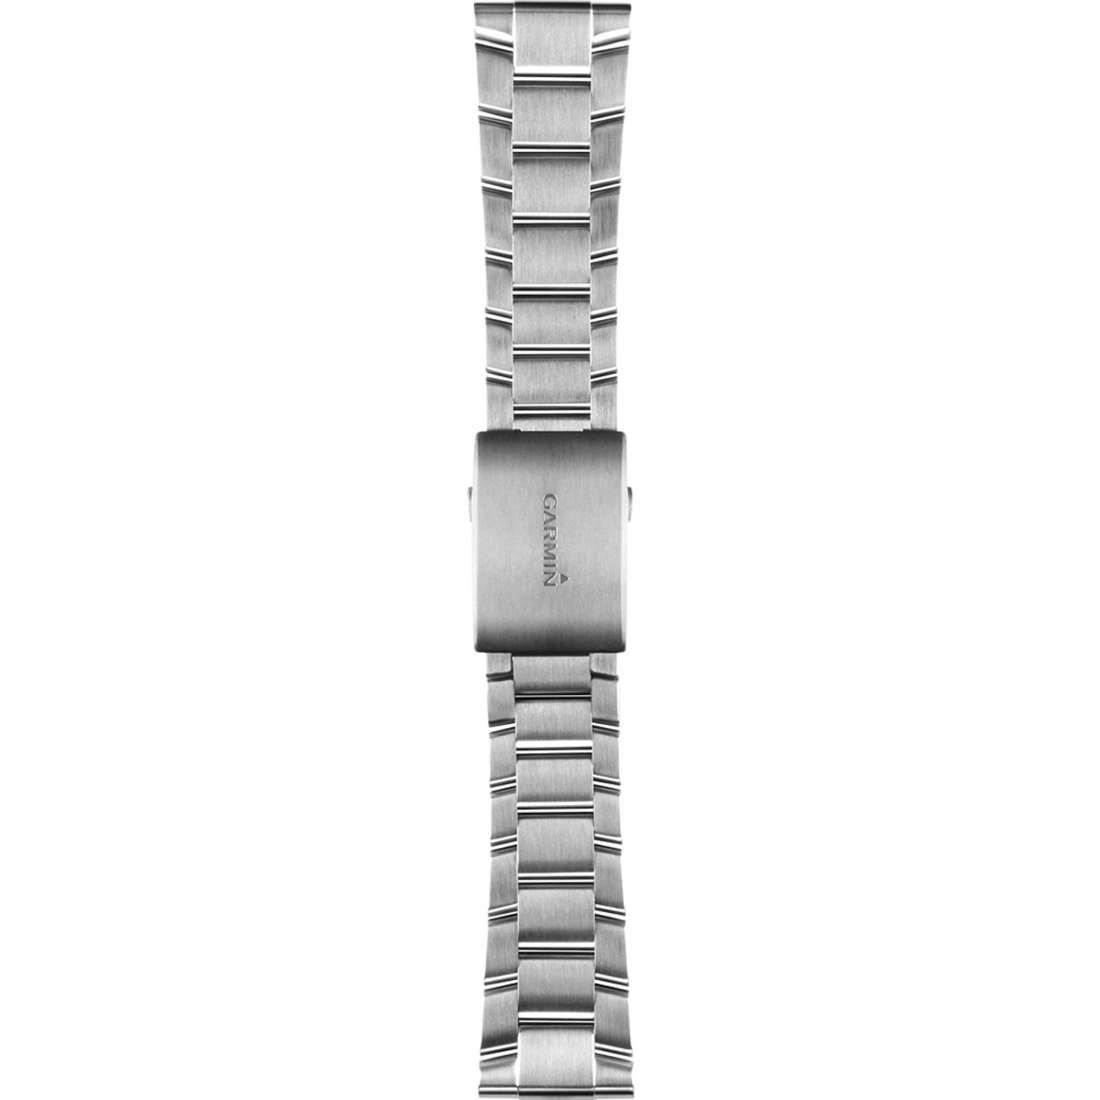 montre accessoire unisex Garmin 010-12168-20